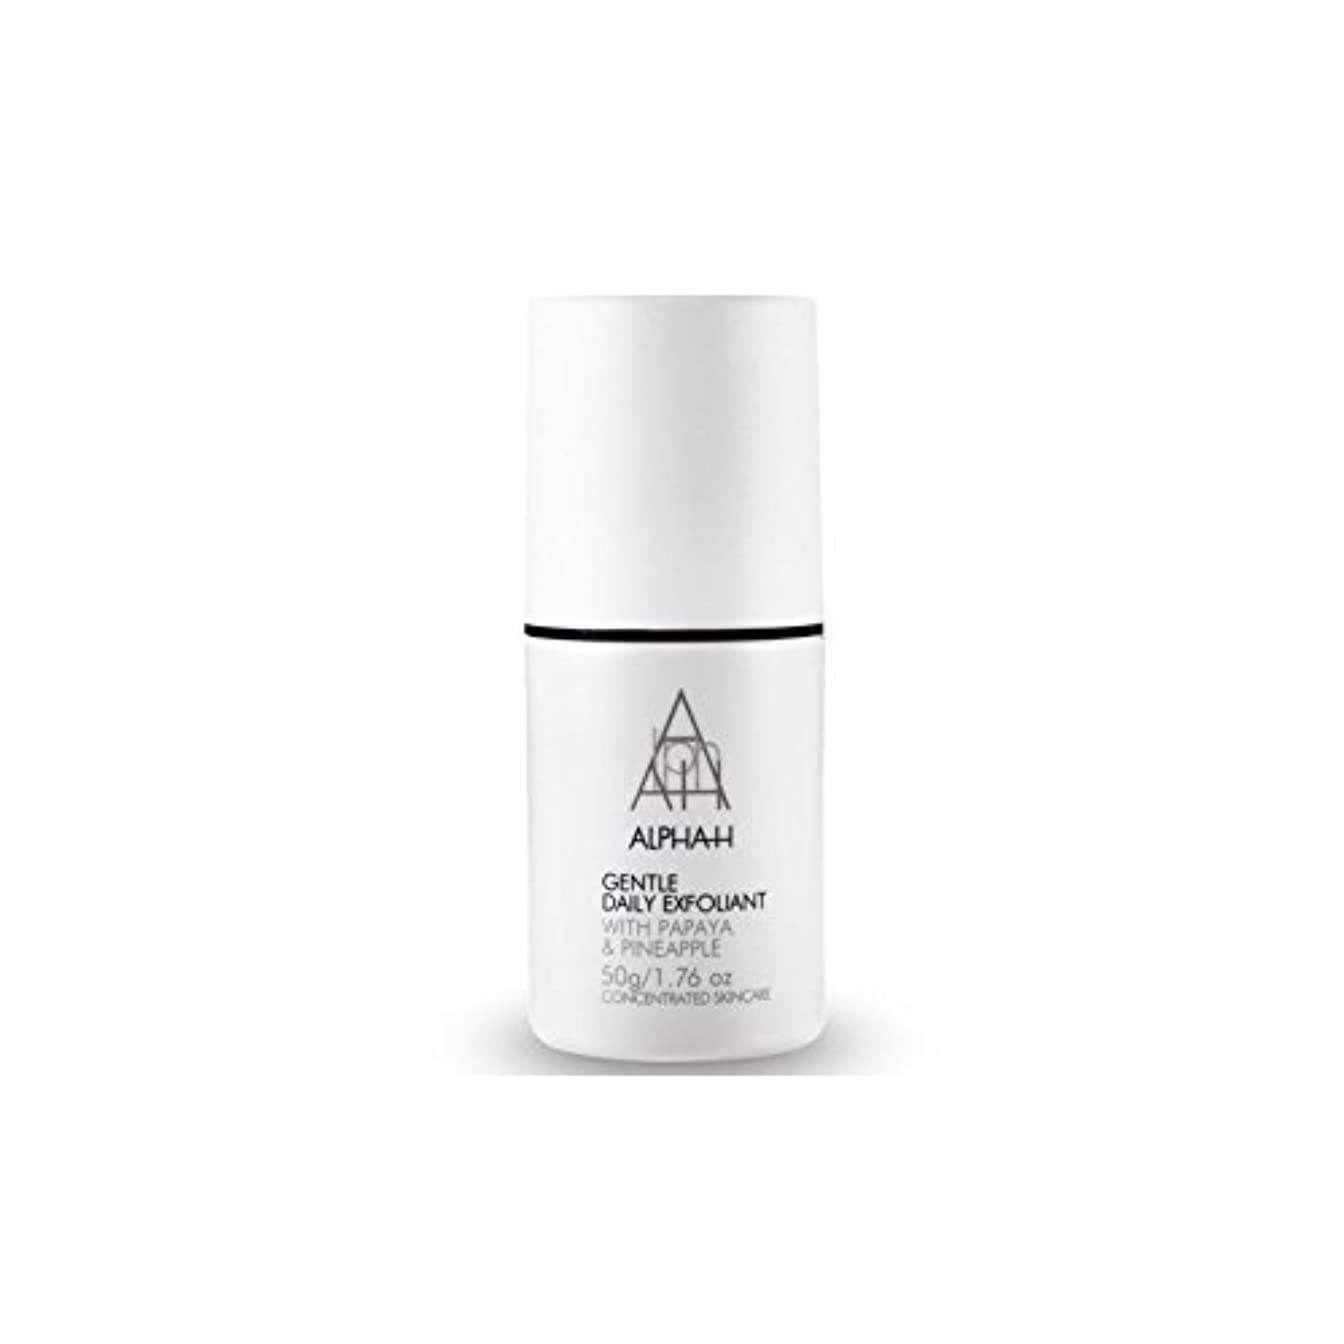 爵大通りストロークアルファ - 時間穏やか毎日の角質(50グラム) x4 - Alpha-H Gentle Daily Exfoliant (50G) (Pack of 4) [並行輸入品]